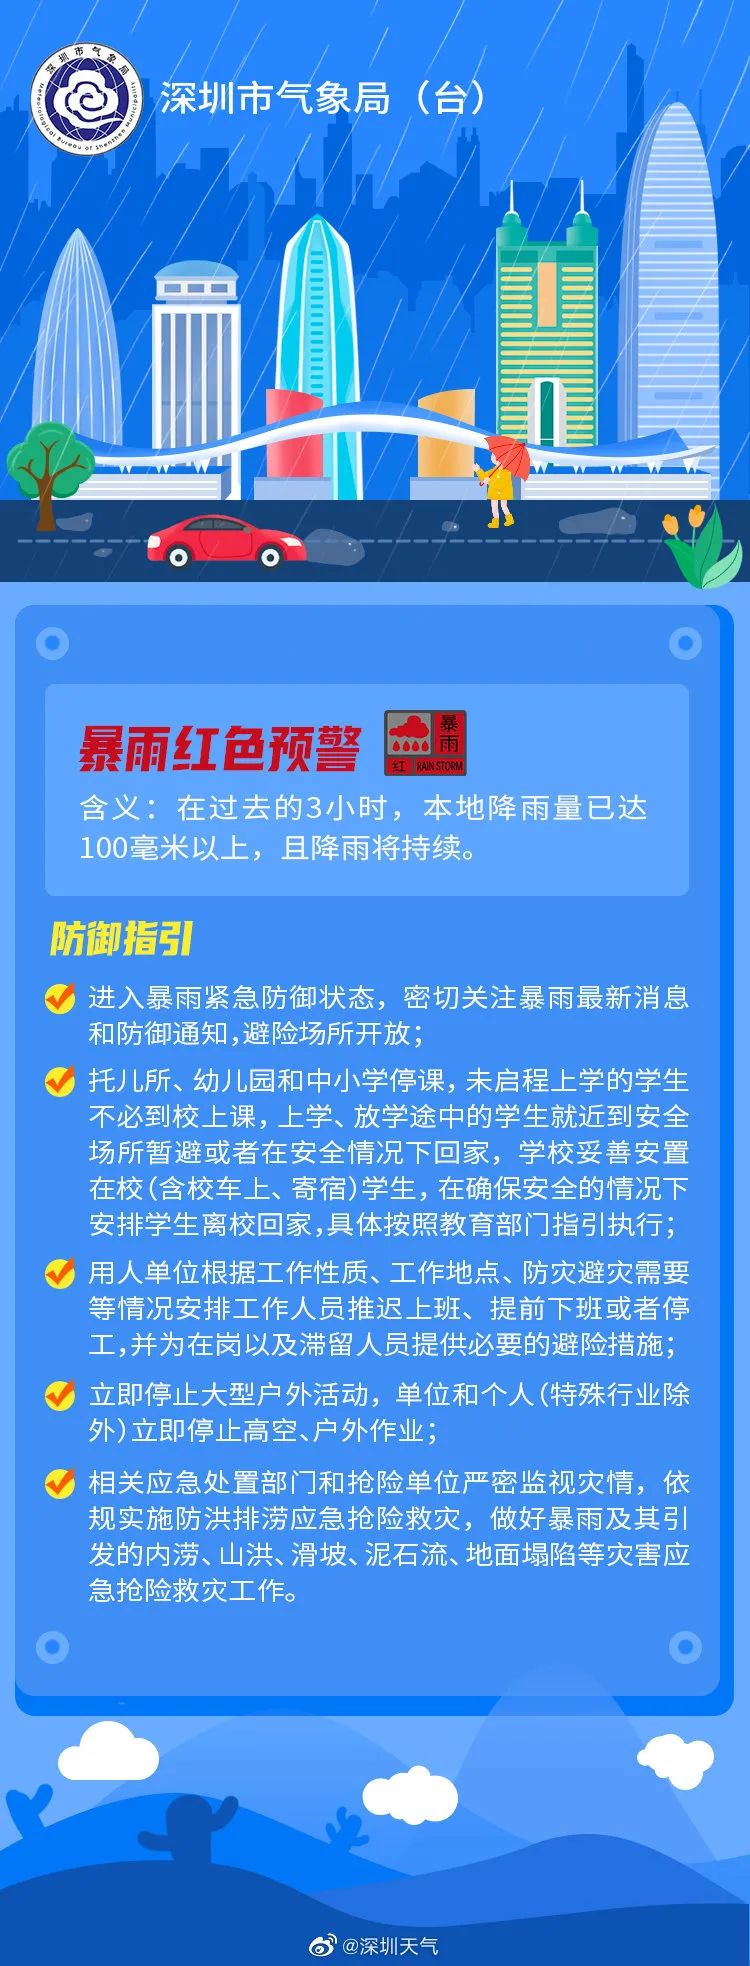 深圳红暴预警生效!全市中小学、幼儿园停课